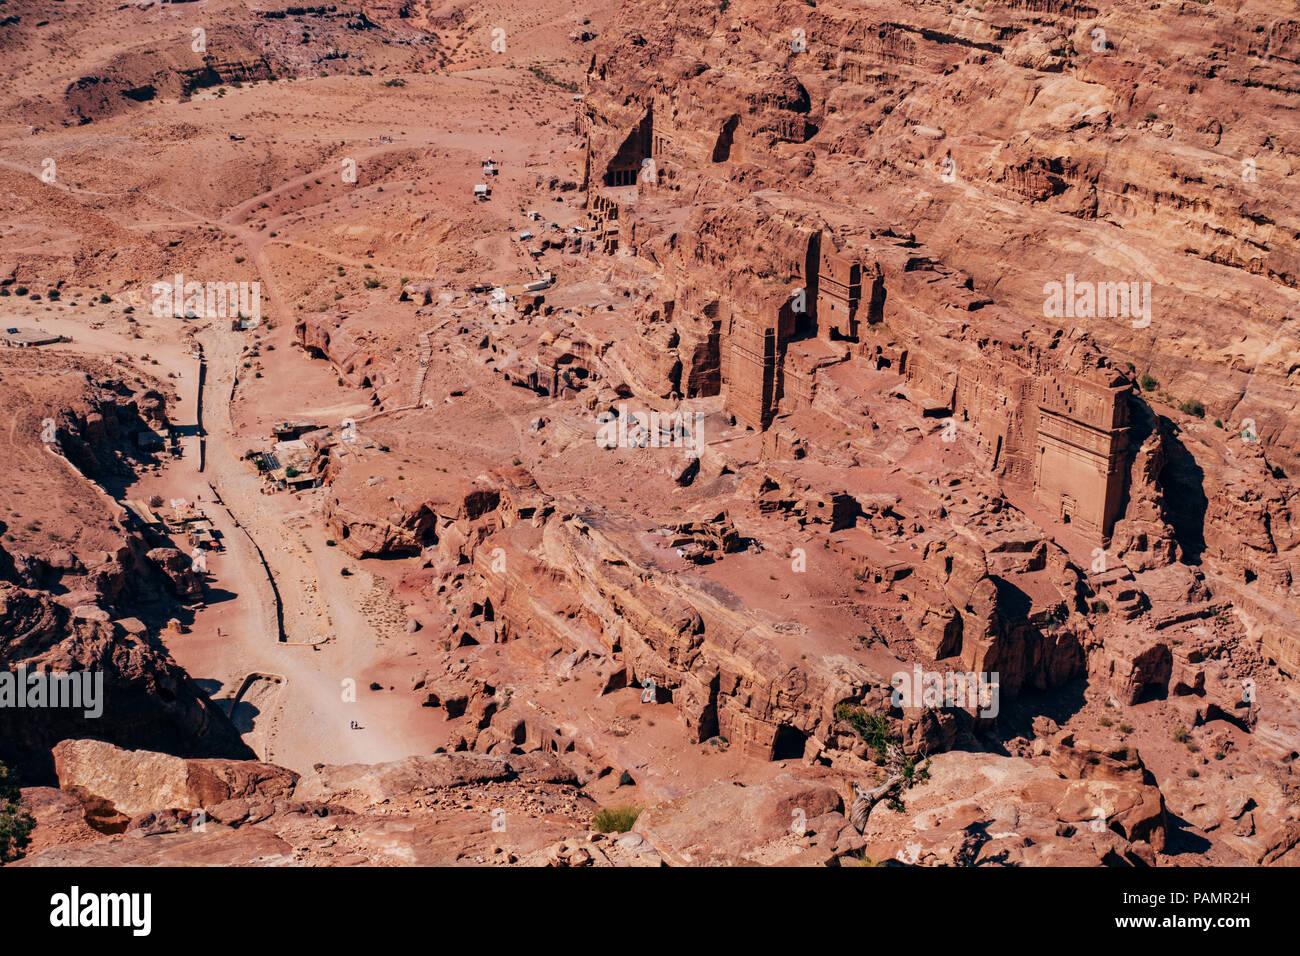 Eine Luftaufnahme Blick nach unten an den Gräbern in die verlorene Stadt von Petra, Jordanien Stockbild